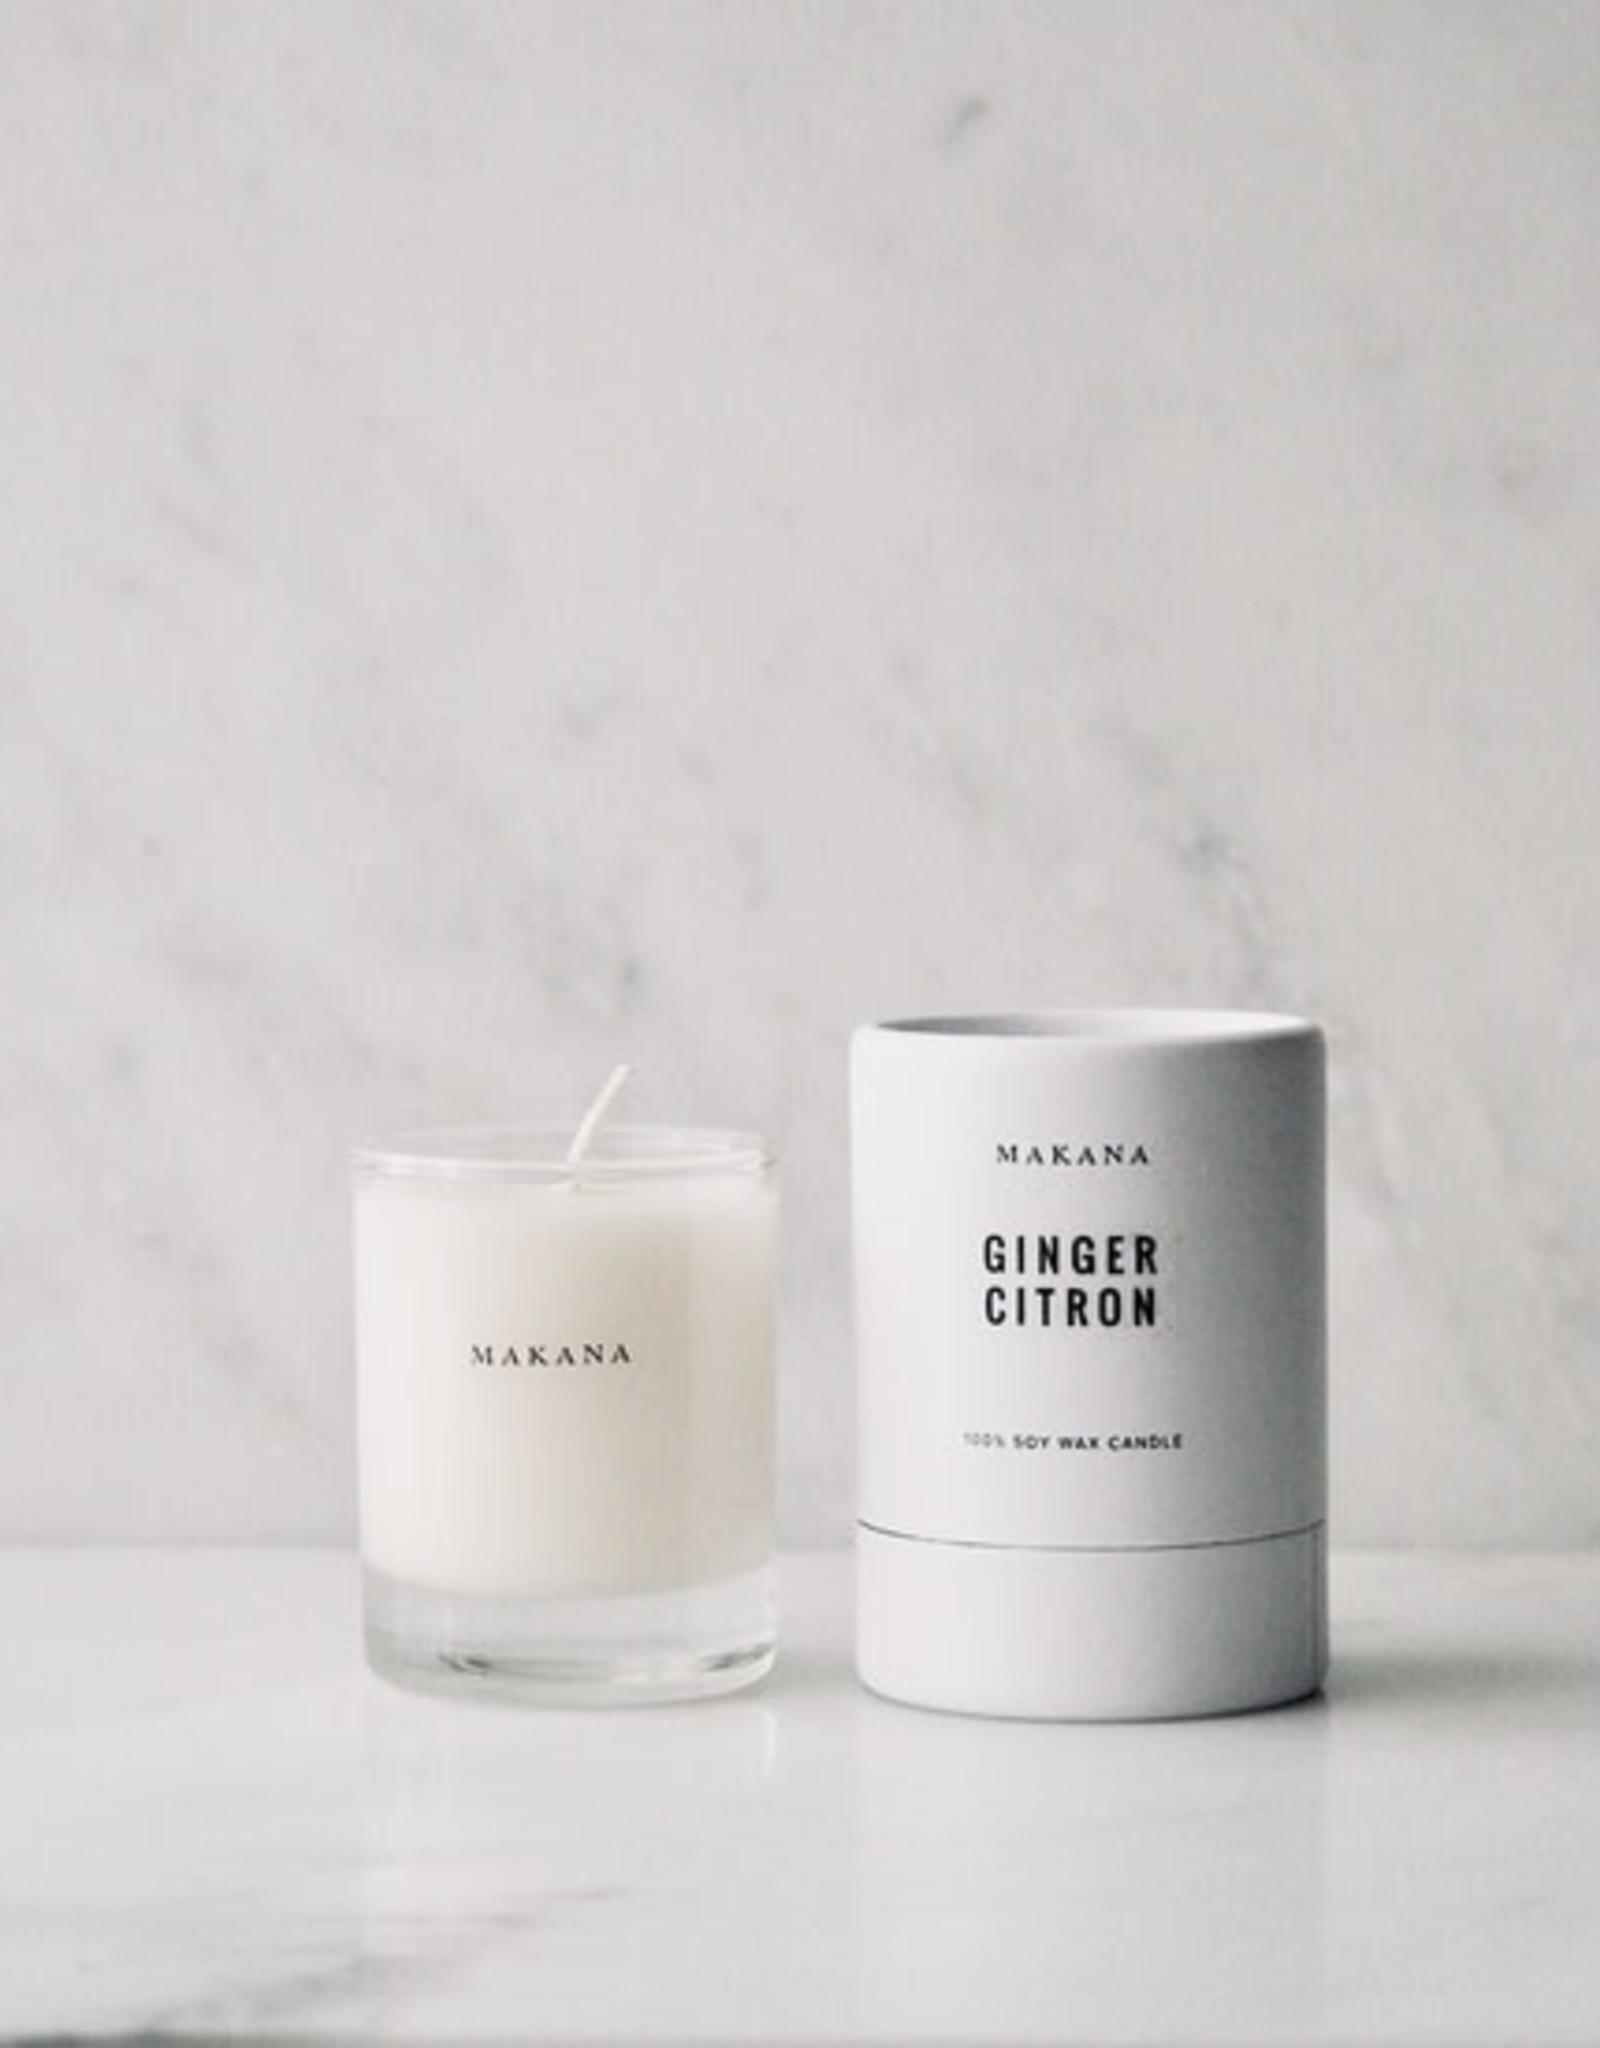 makana Ginger Citron - Petite Candle 3